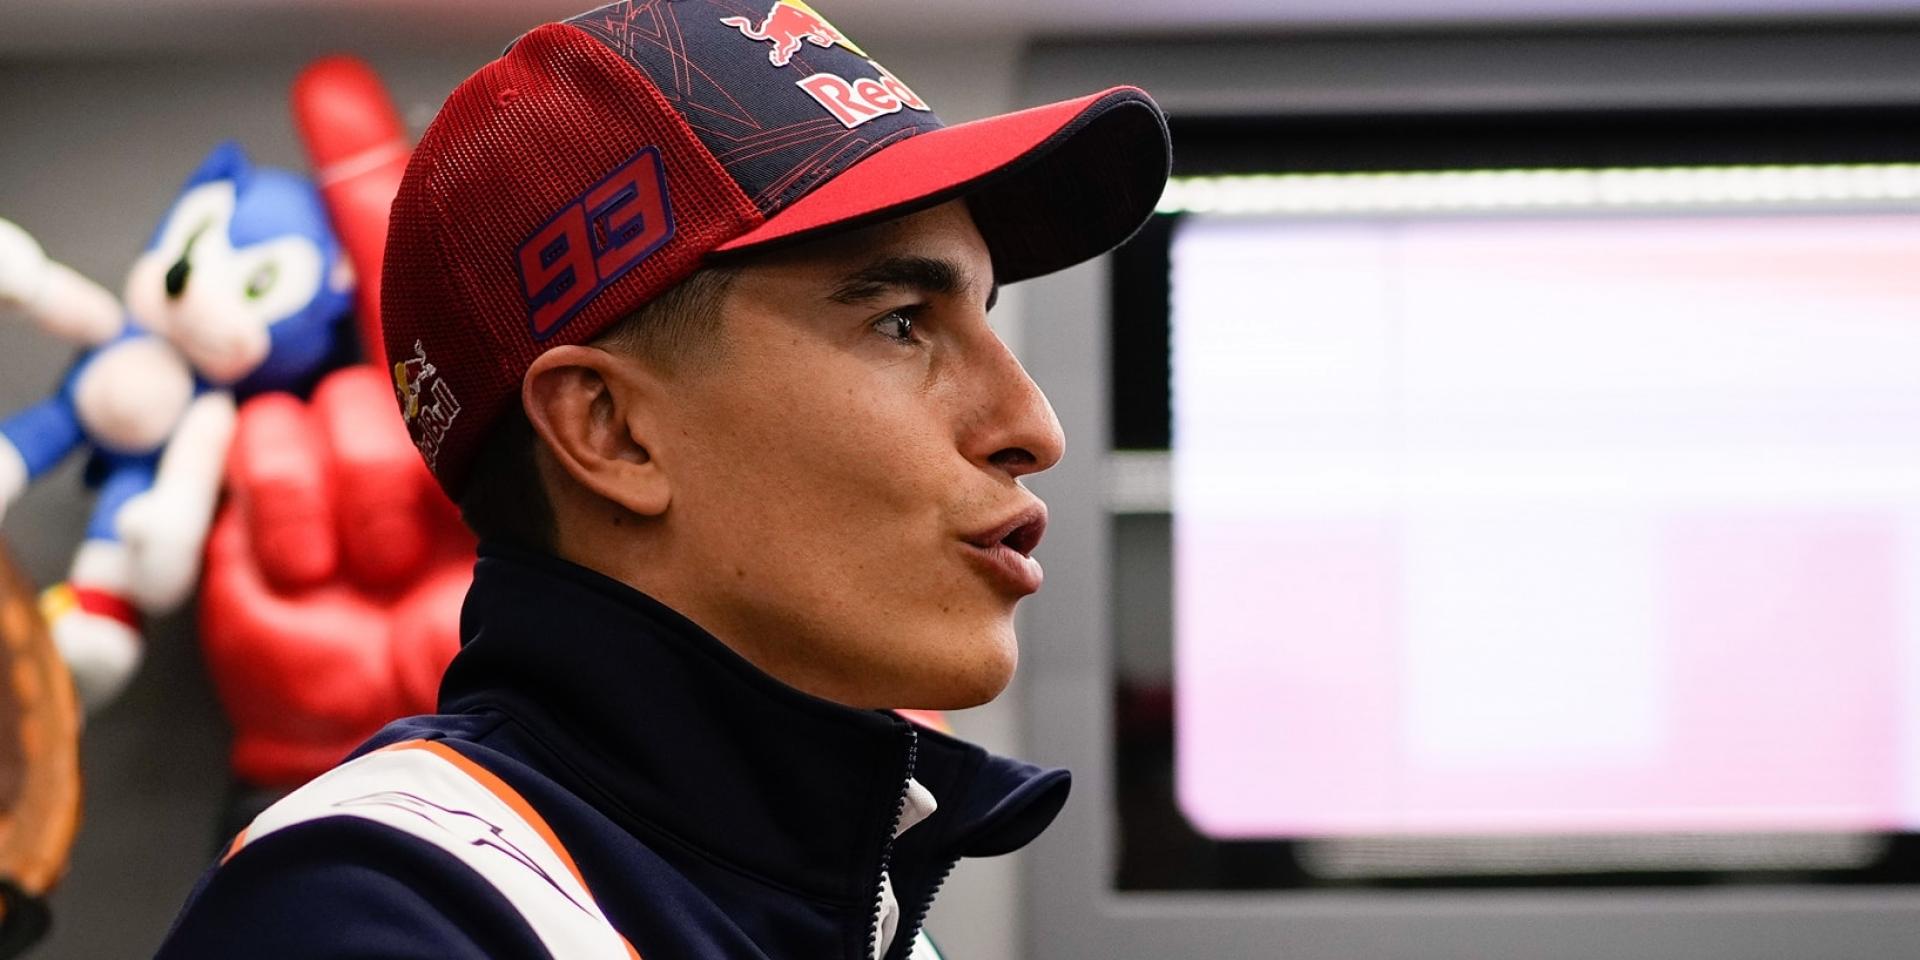 背著本田戰力的十字架。Marc Marquez:我對賽車的回饋不若過去那般準確!